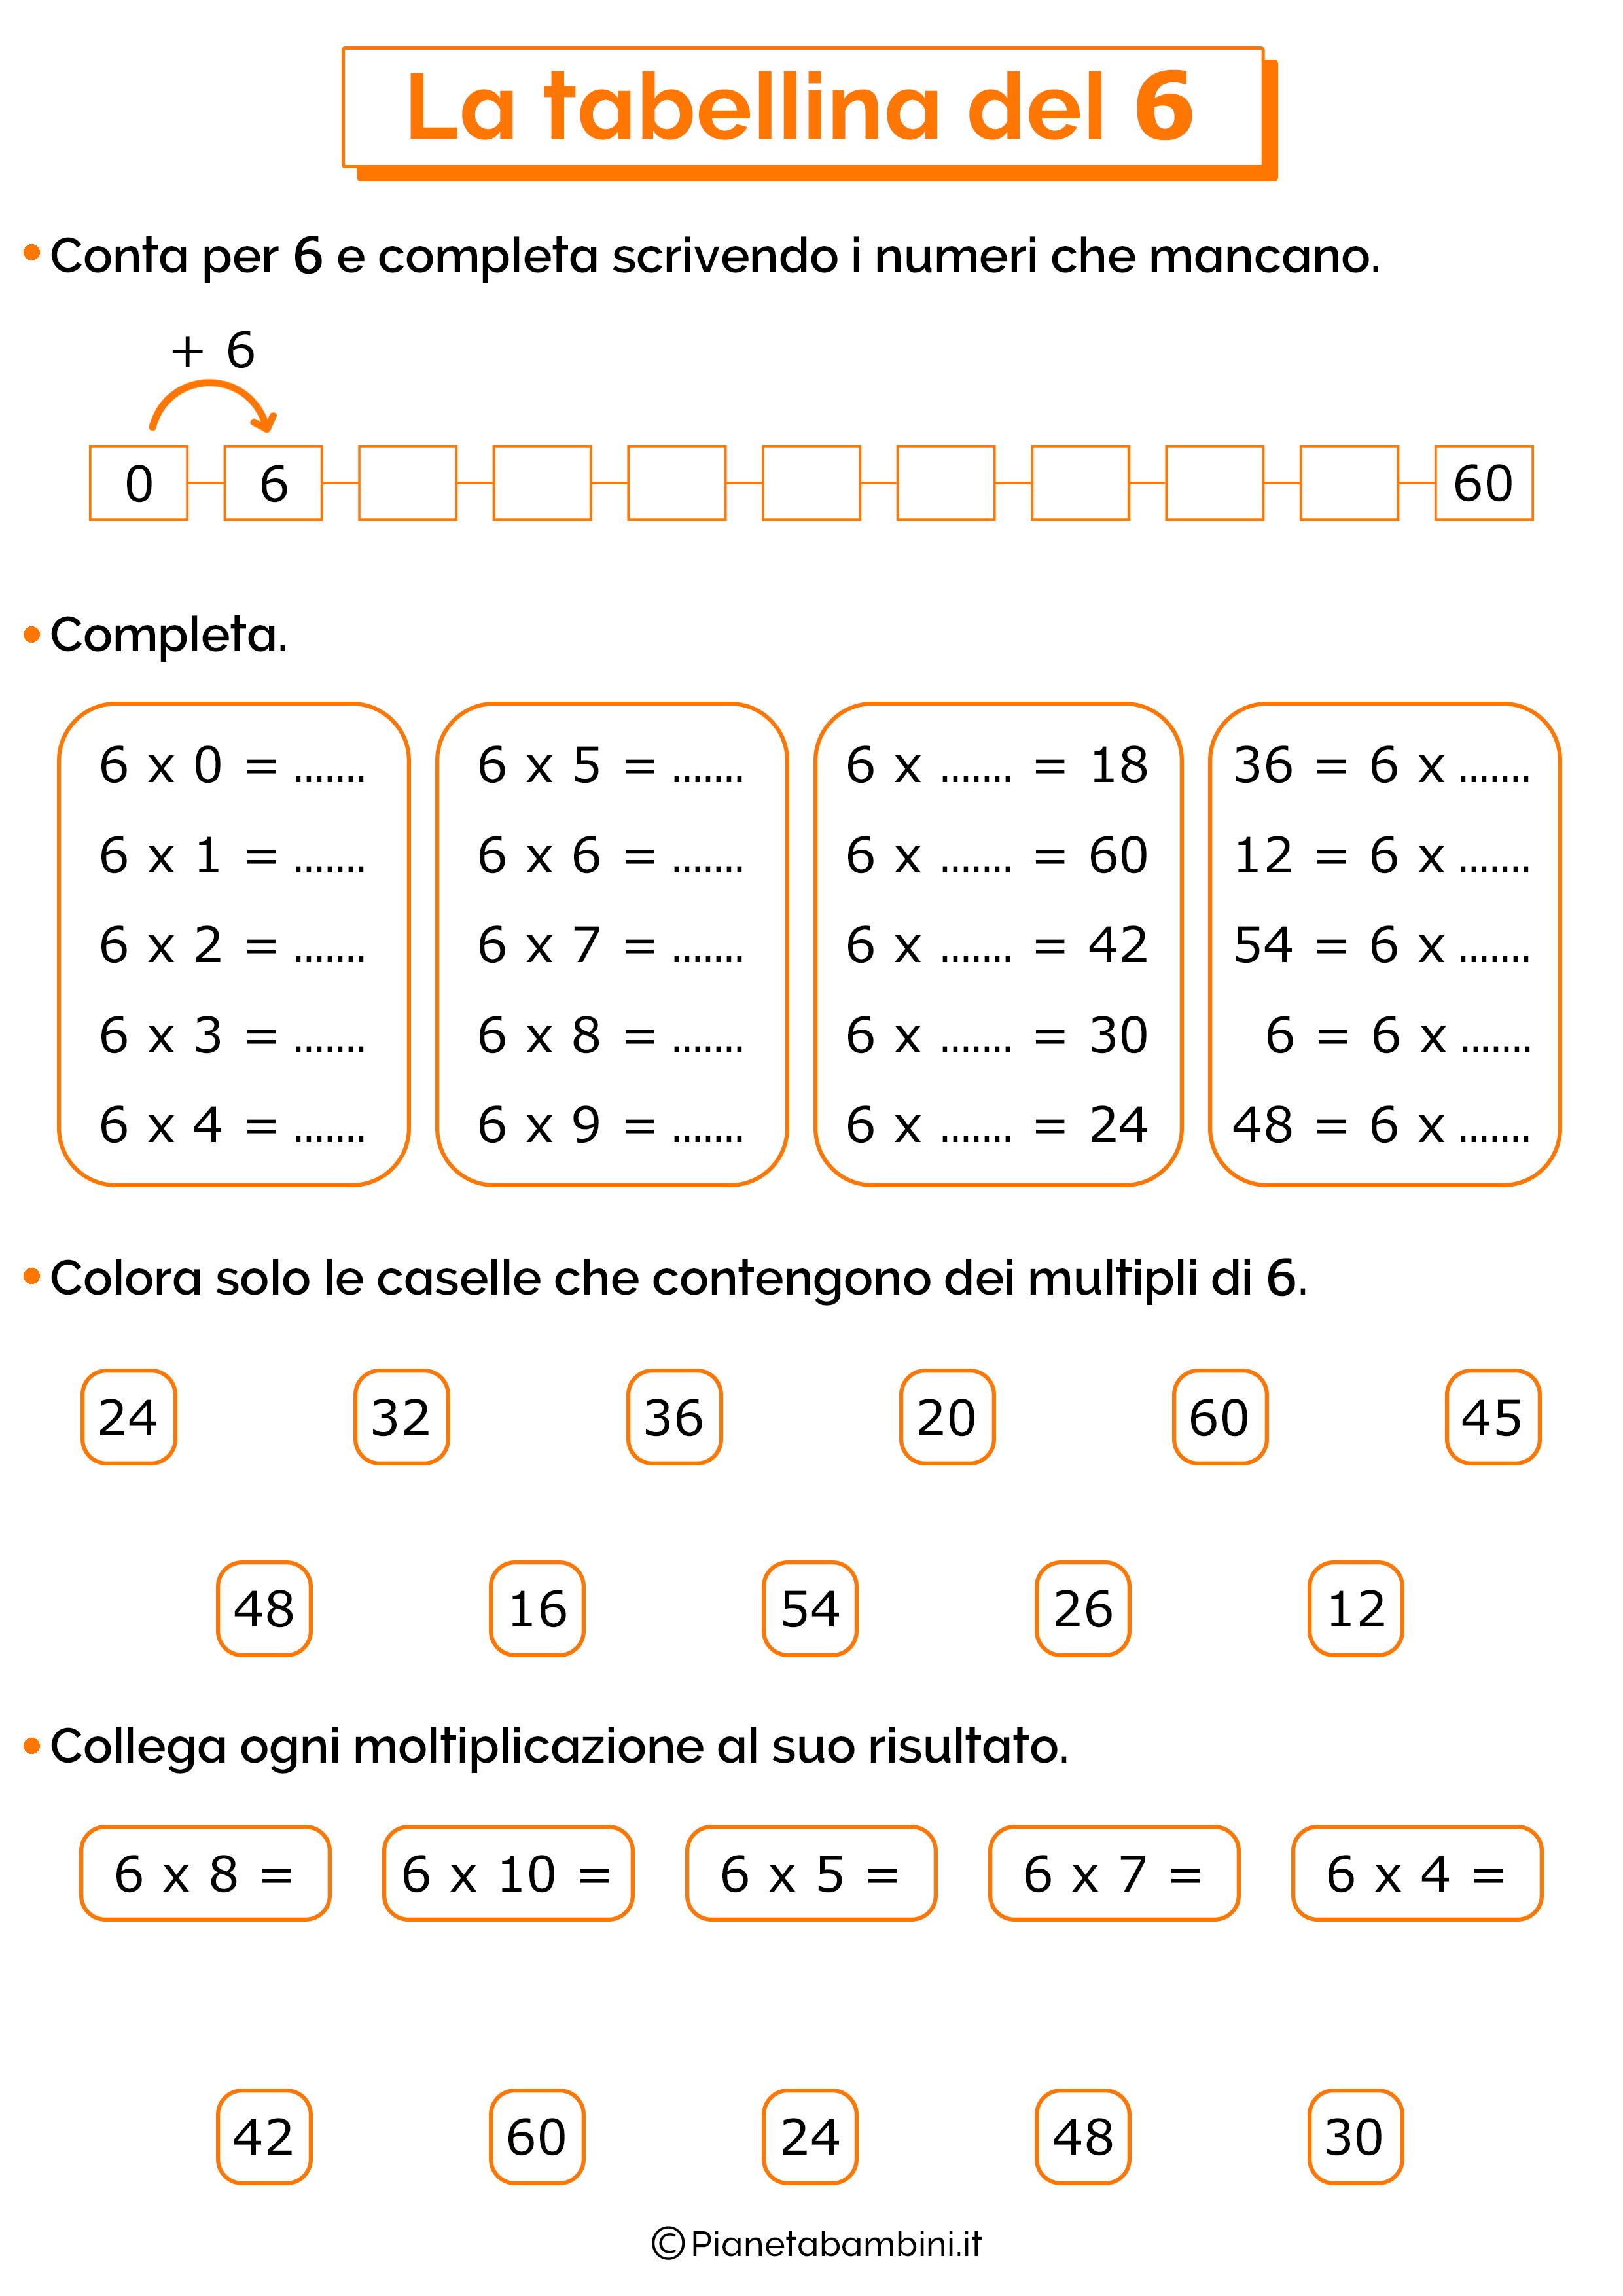 Esercizi sulla tabellina del 6